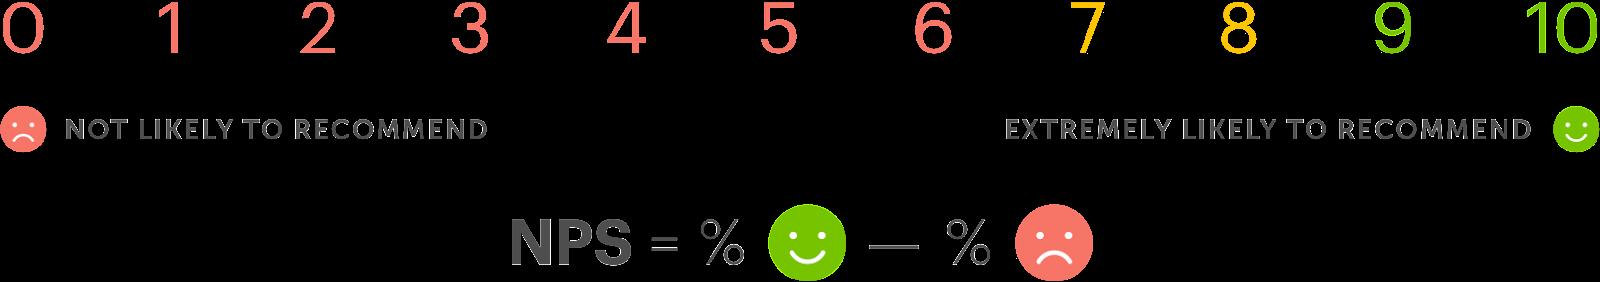 Net Promoter Score Scale